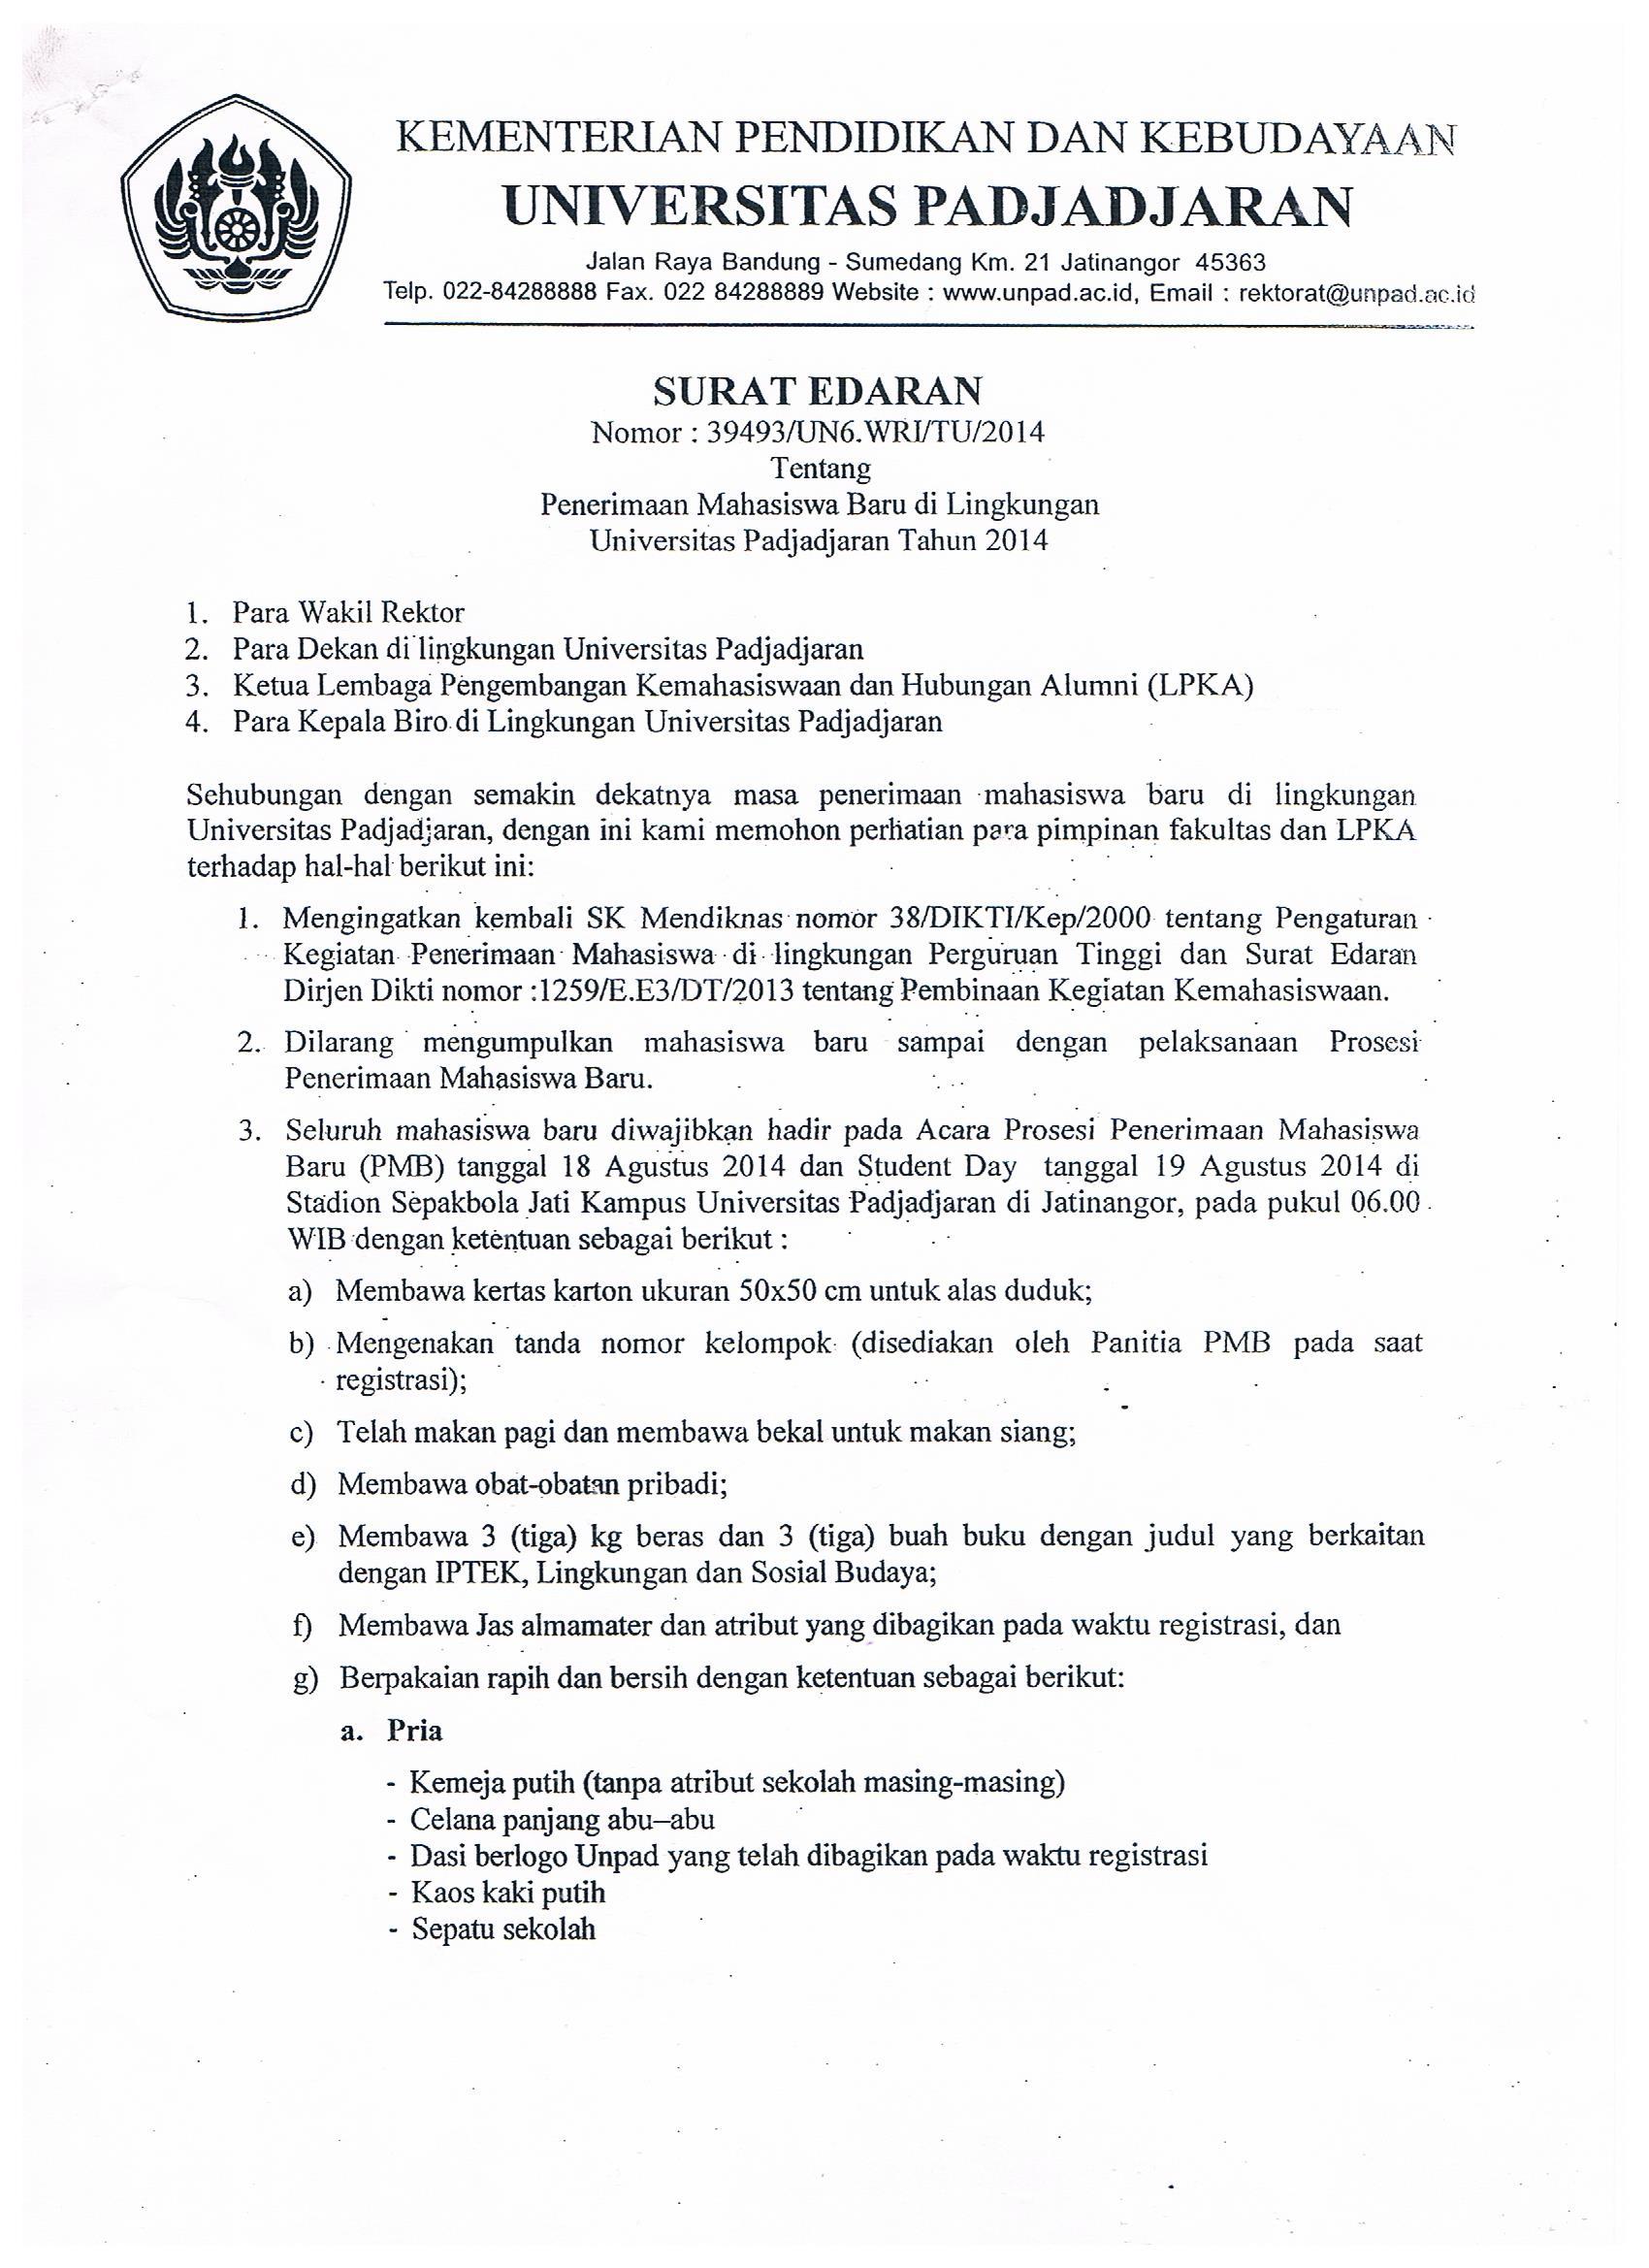 Prosesi Penerimaan Mahasiswa Baru 2014 Universitas Padjadjaran